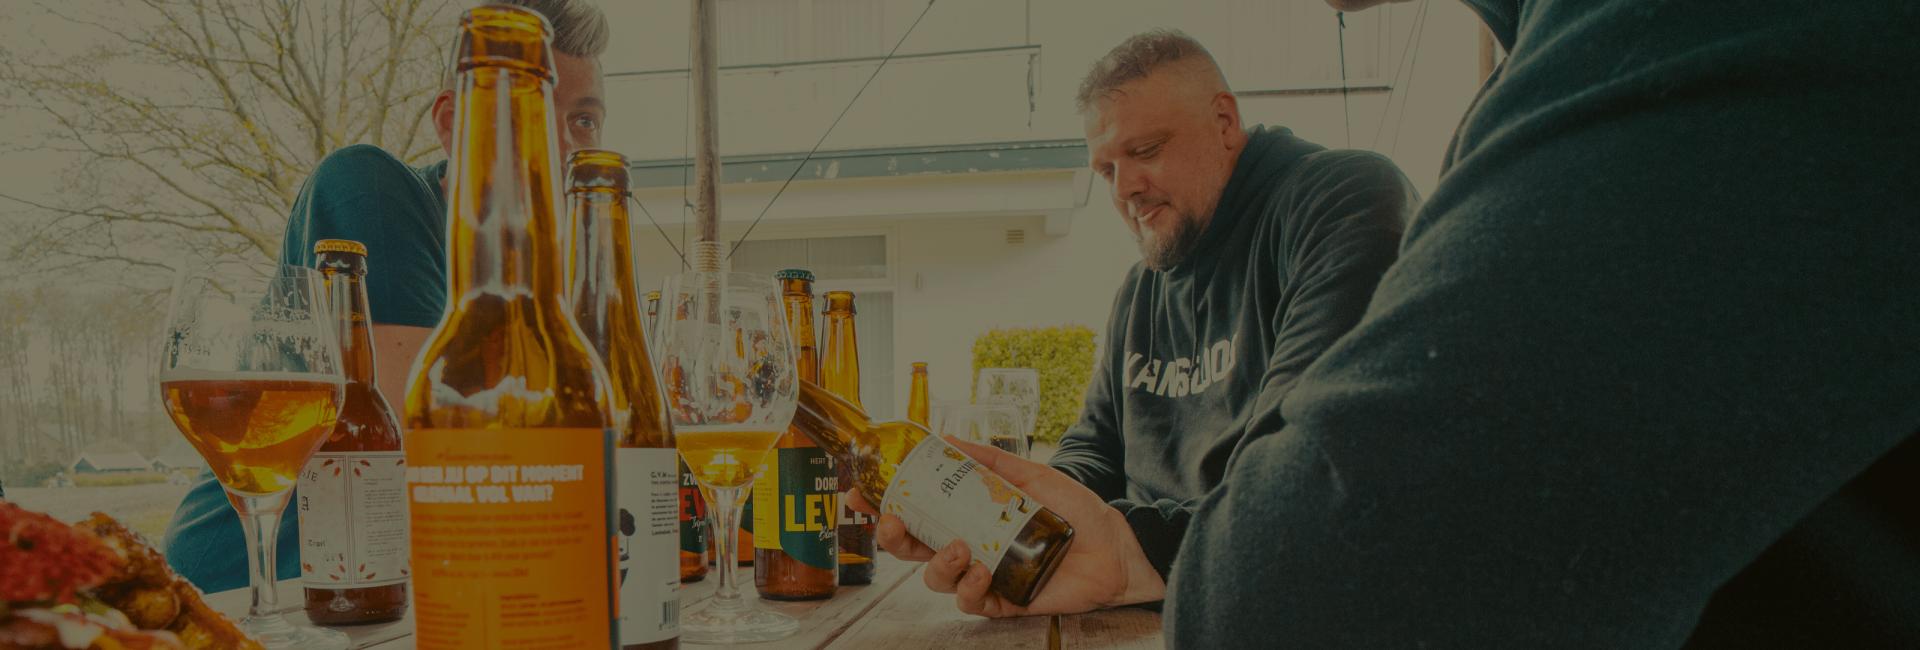 bier-compagnie-bierpanel